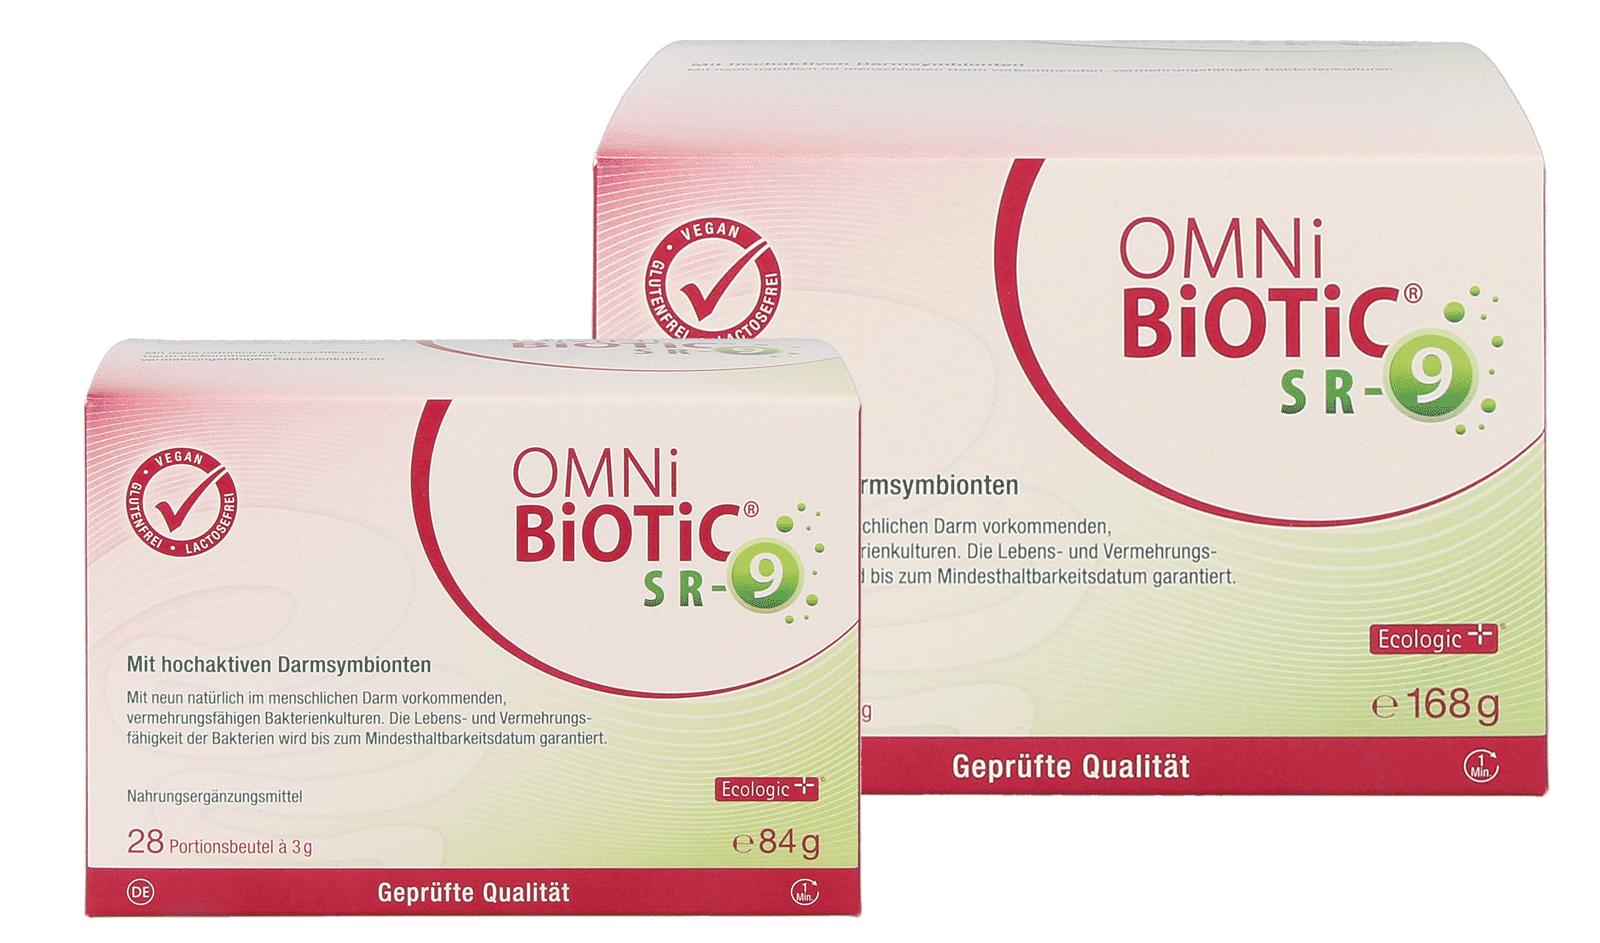 OMNi-BiOTiC® SR-9